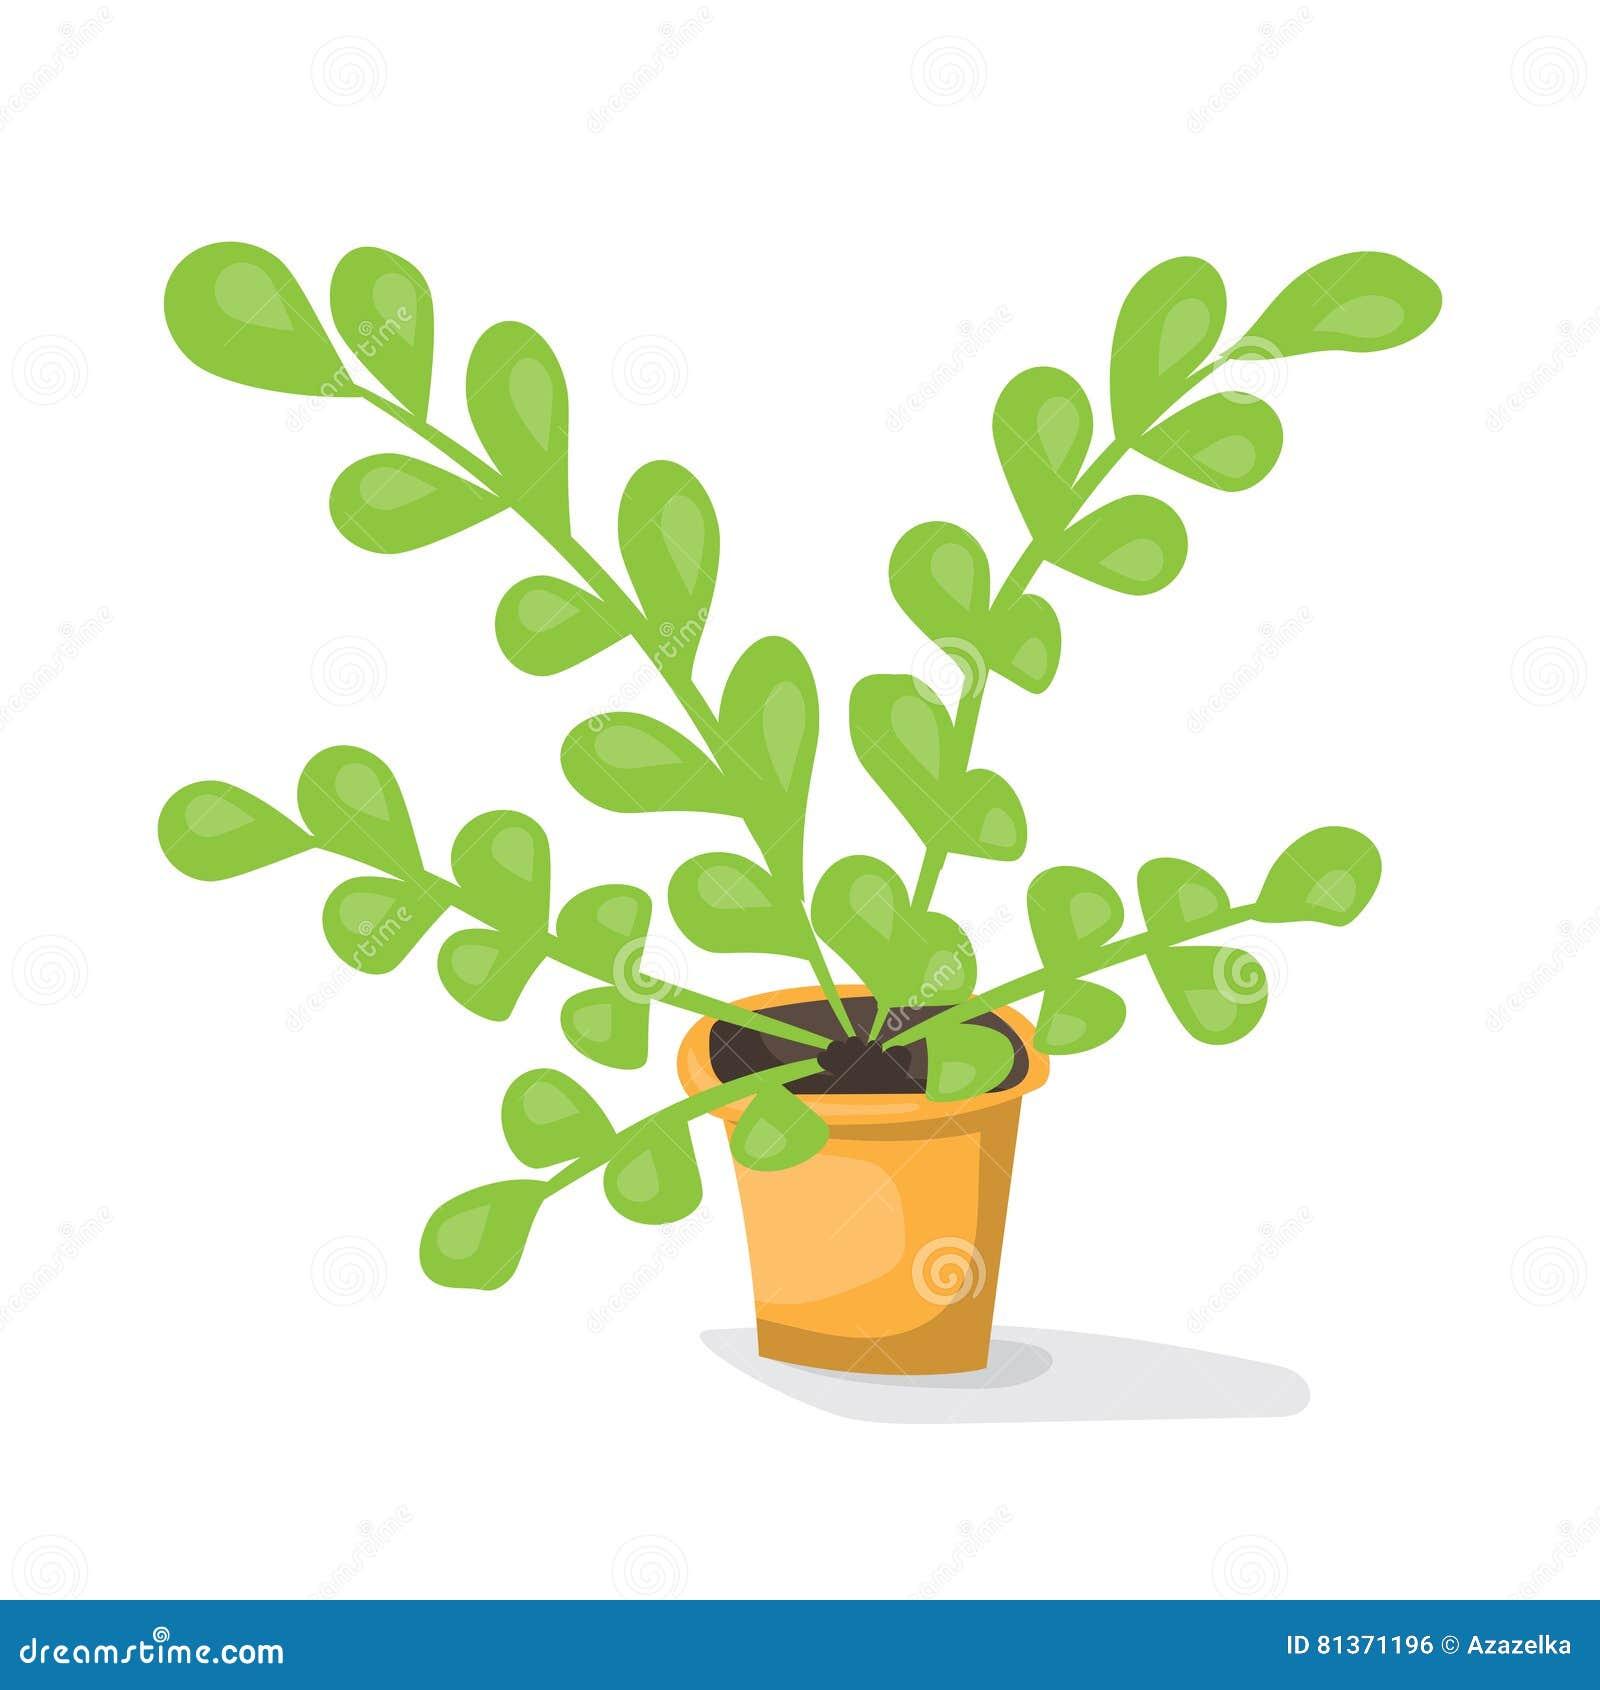 Cartoon Plant In Pot . Flat Vector Illustration. Green